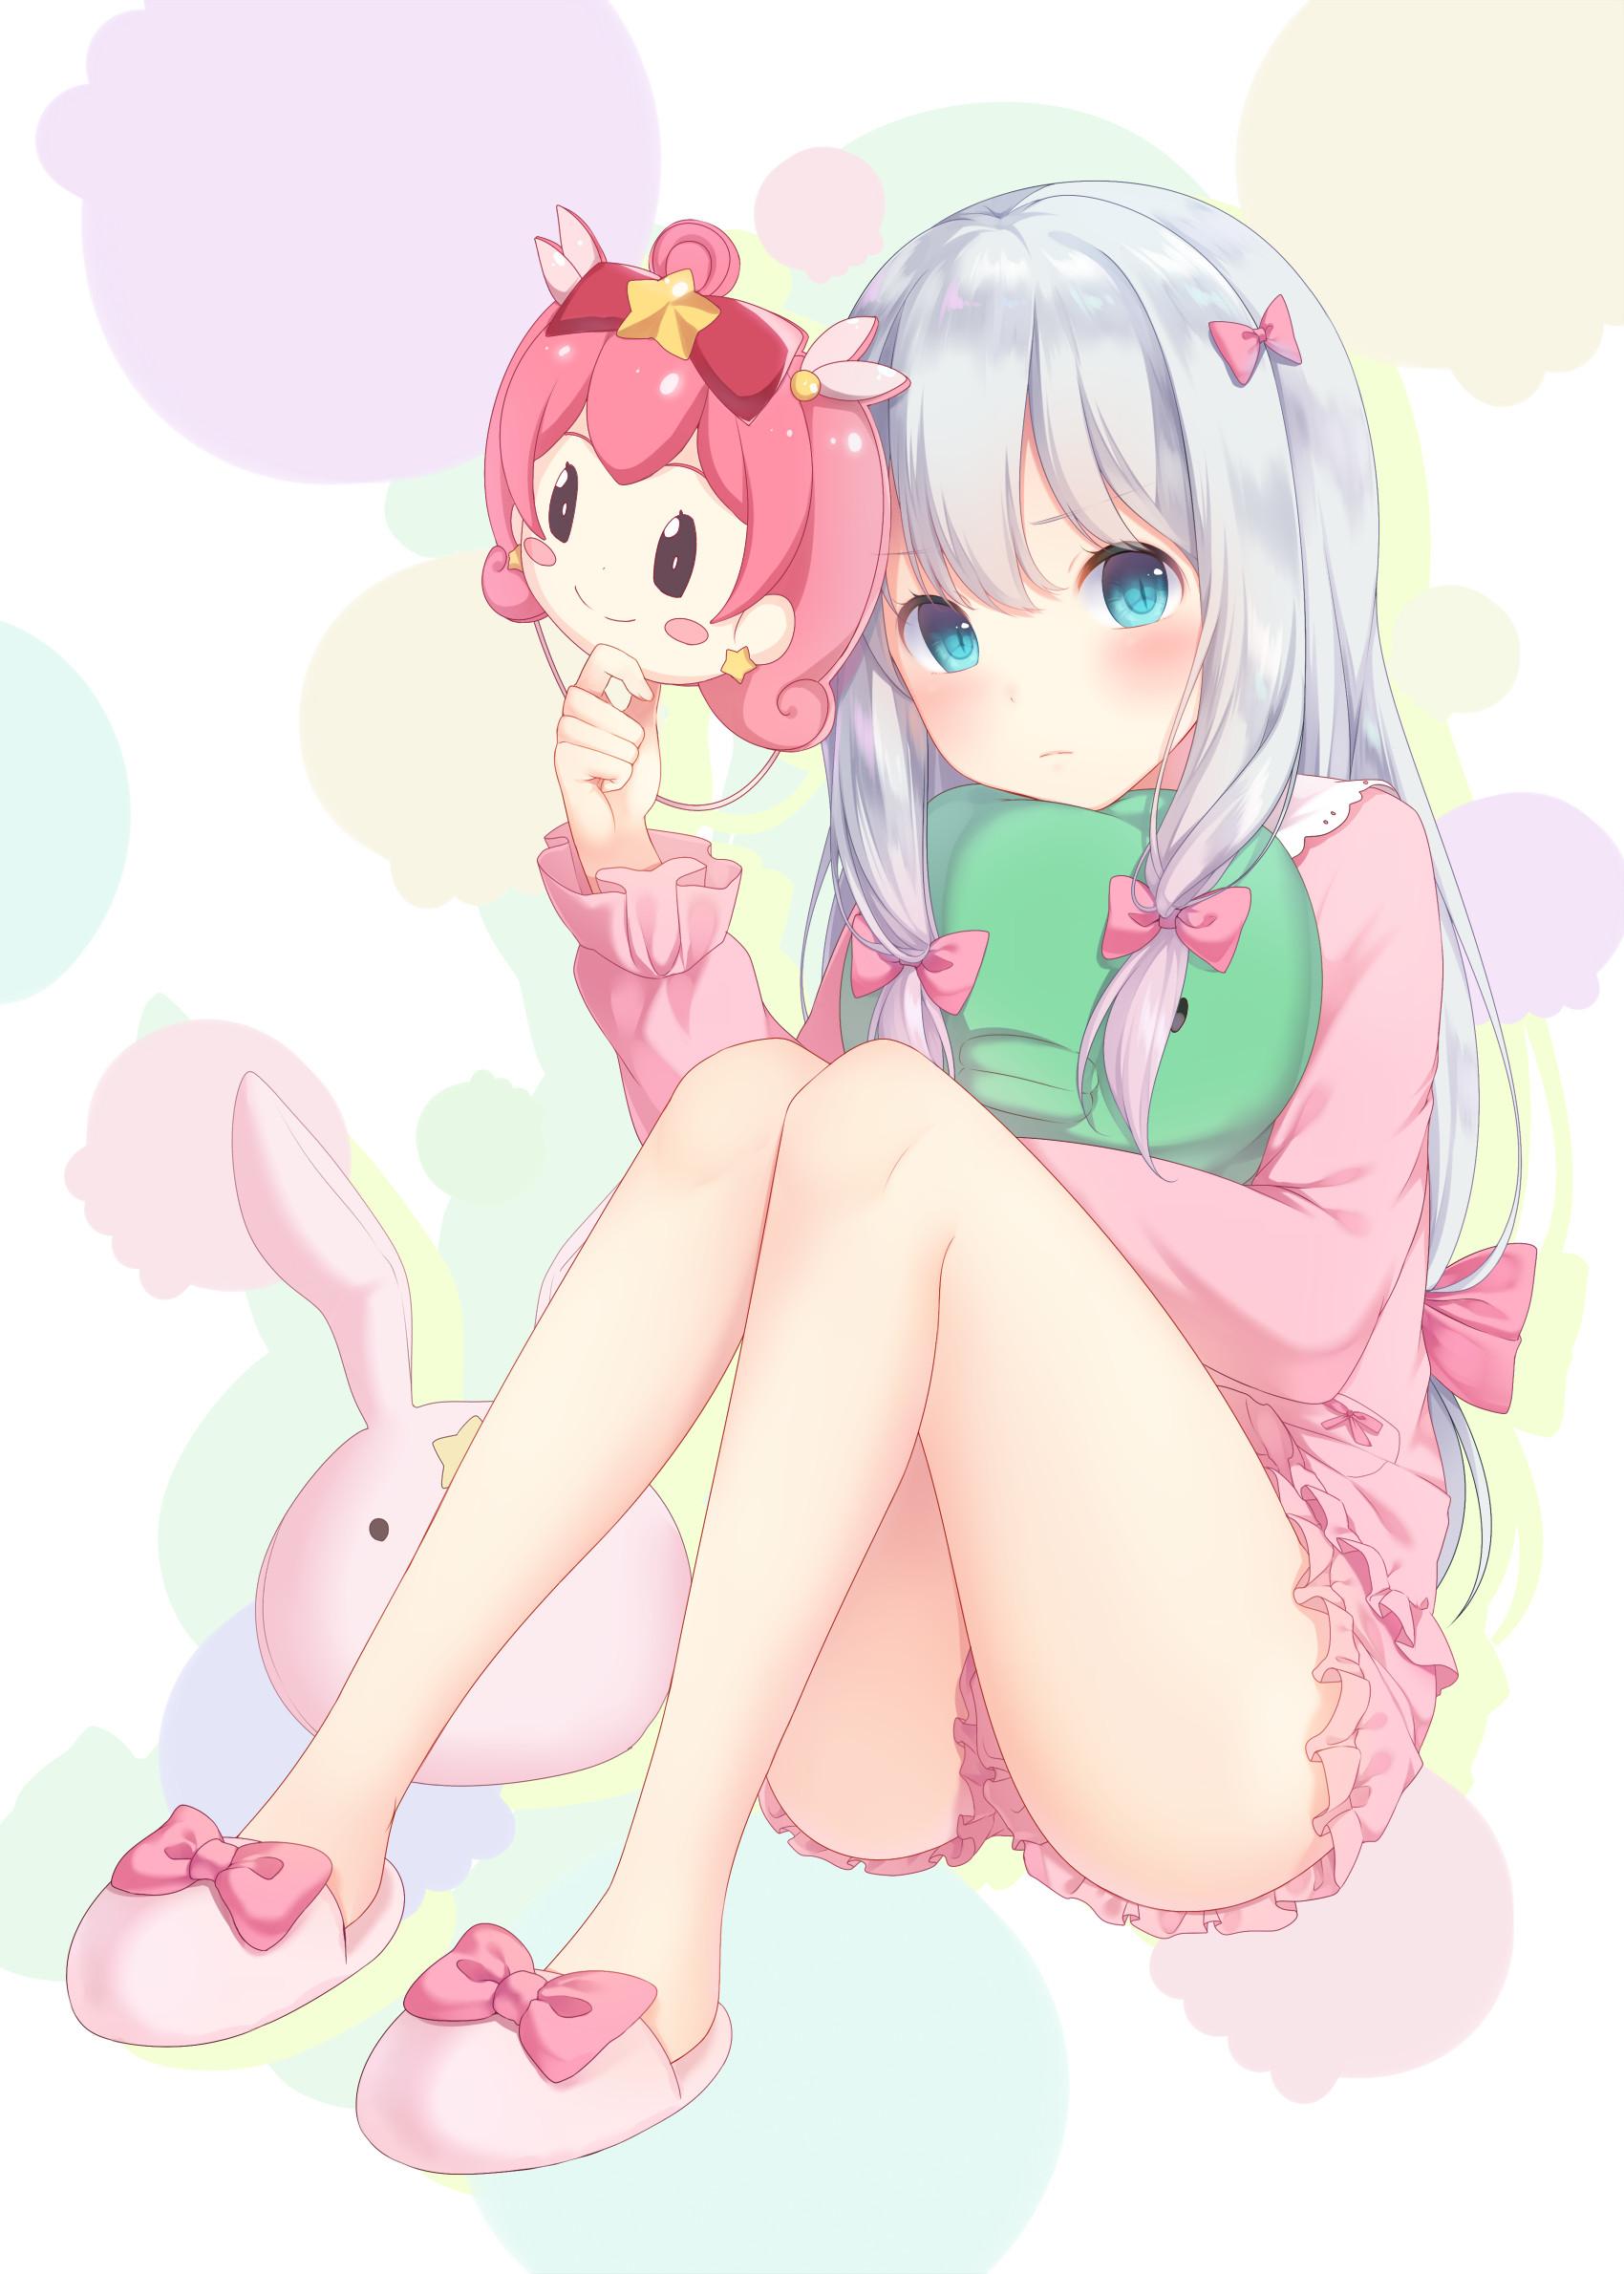 和泉纱雾,我的妹妹是黄漫老师,情色漫画老师,动漫手机壁纸